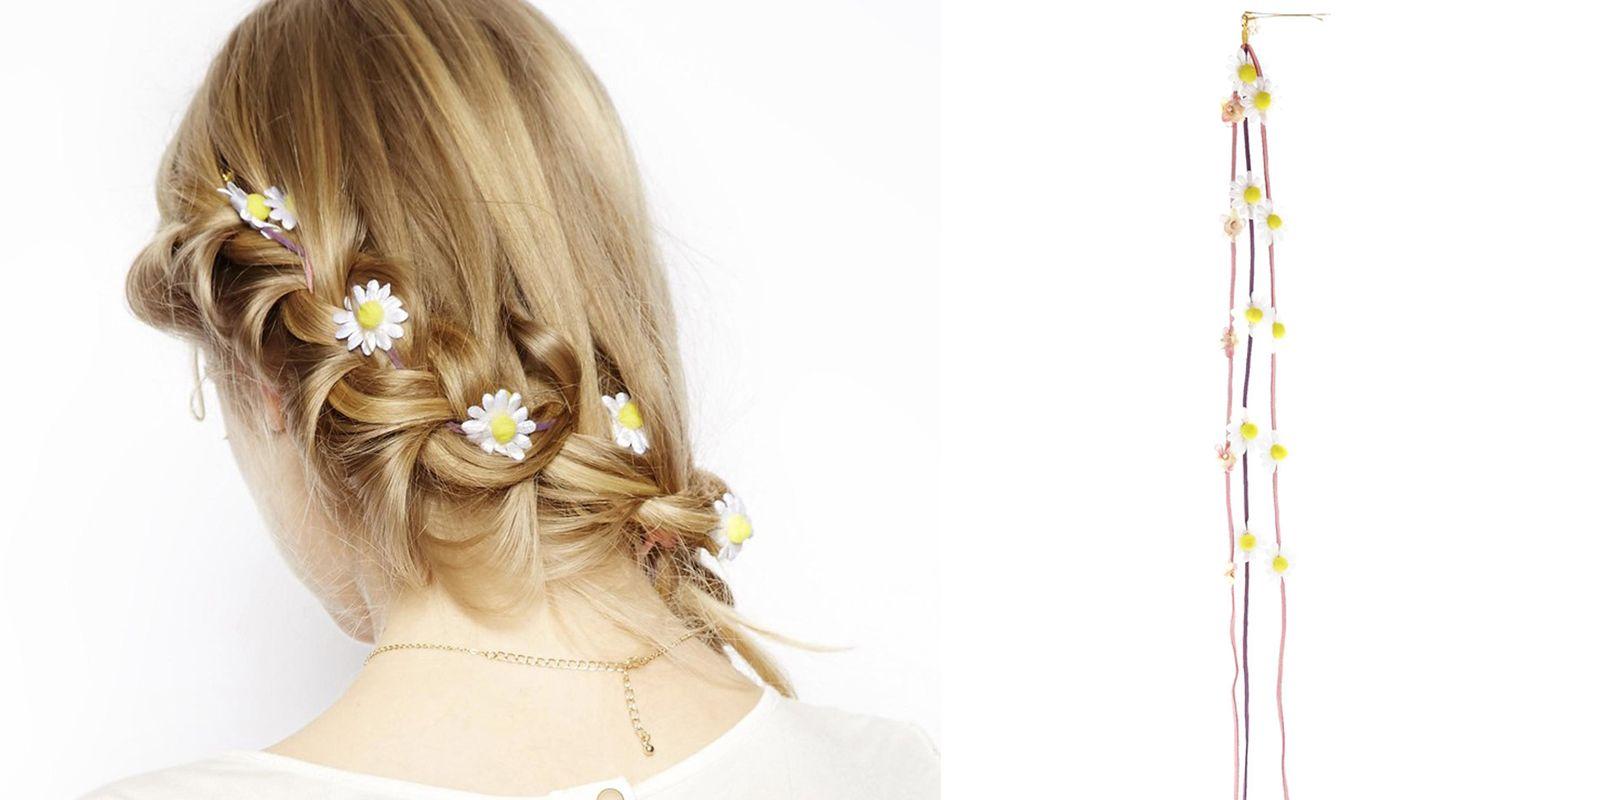 14 Cute Hair Accessories - Spring Headbands, Hair Clips ...